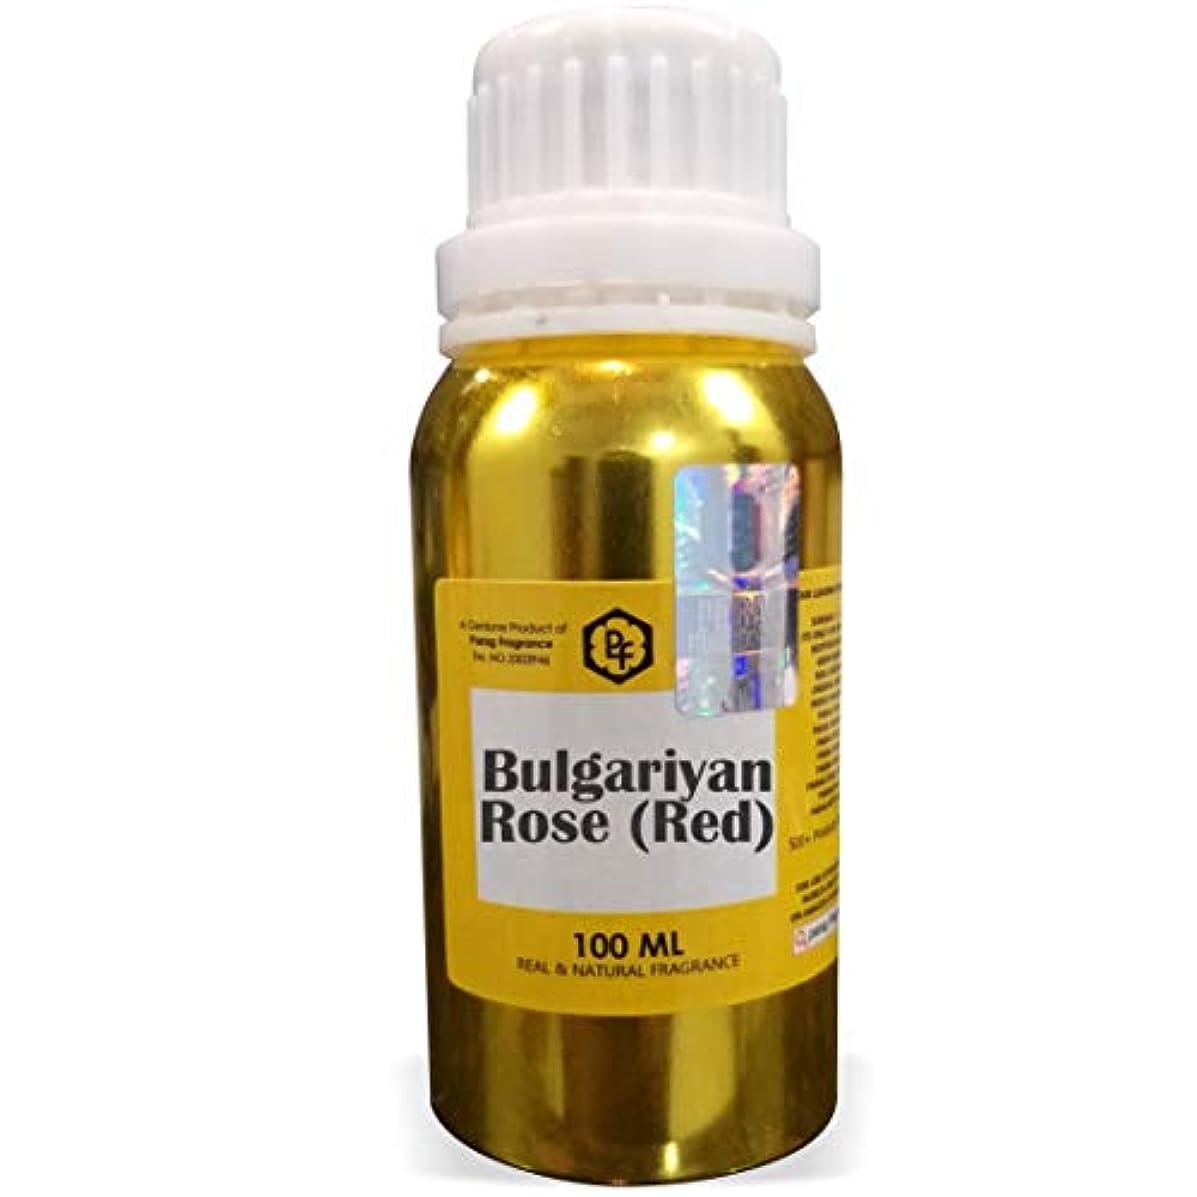 描写グリーンバック自信があるParagフレグランスBulgariyanローズ(レッド)アター100ミリリットル(男性用アルコールフリーアター)香油| 香り| ITRA